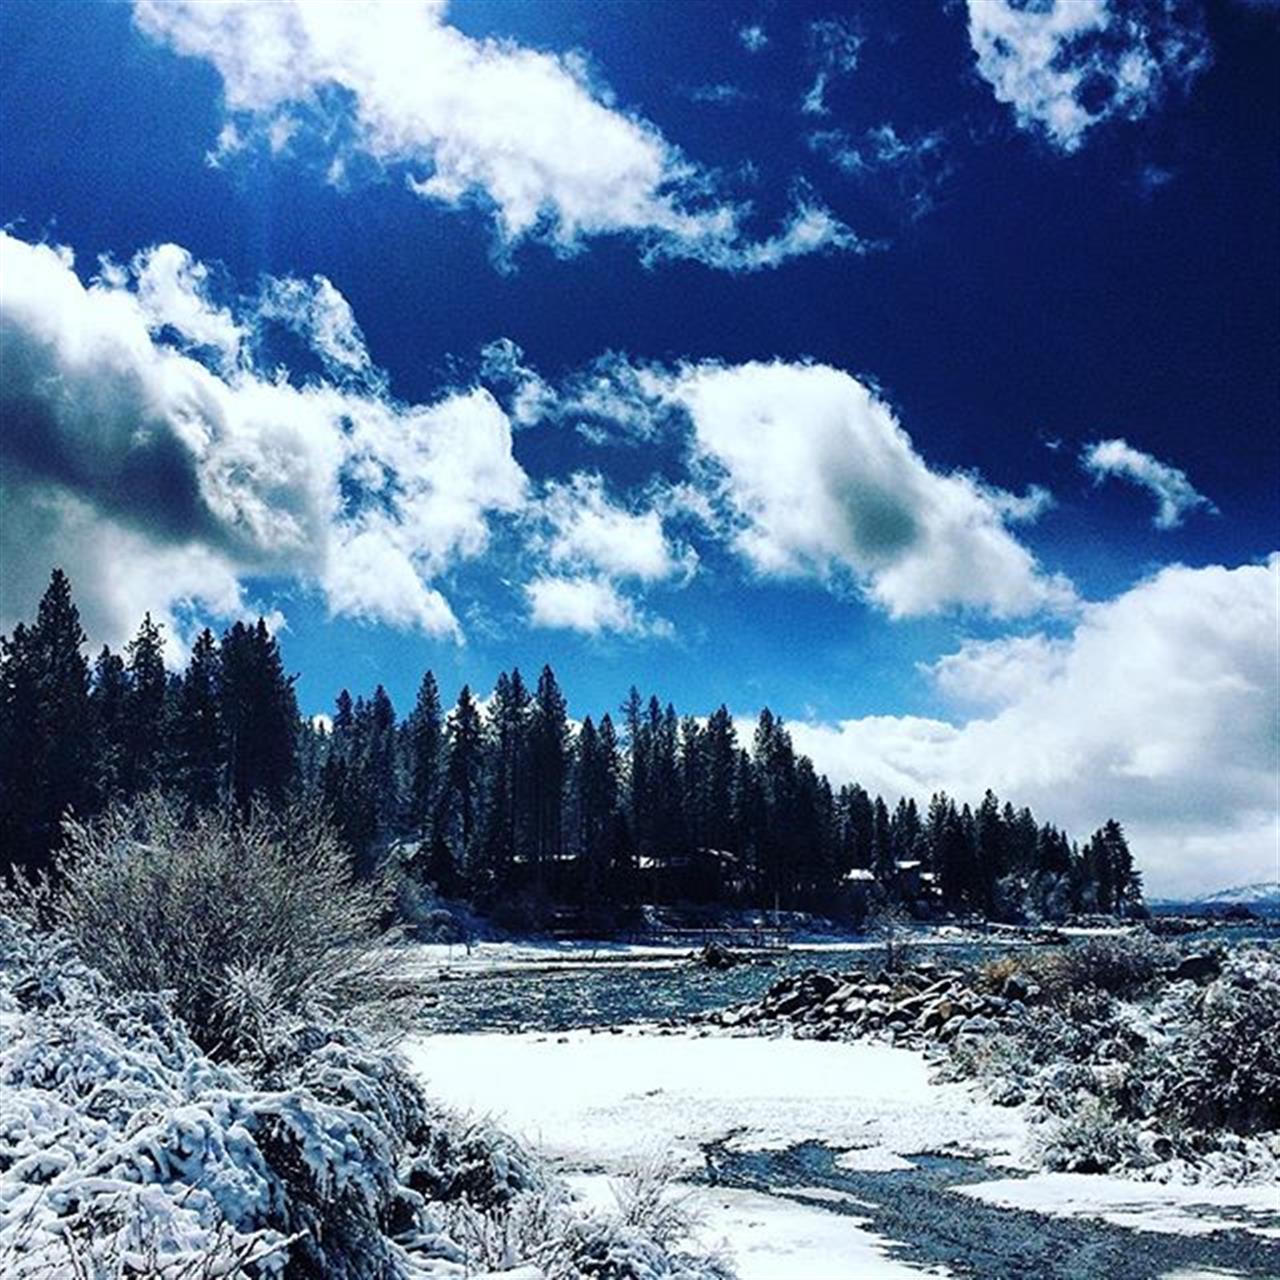 Tahoe days! Love living here! Keep it Blue Tahoe! Keep it Blue! #tahoerealtors #tahoerealtor #tahoerealestate #tahoelife #jctahoehomes #liveintahoe #tahoesnaps #LeadingRElocal